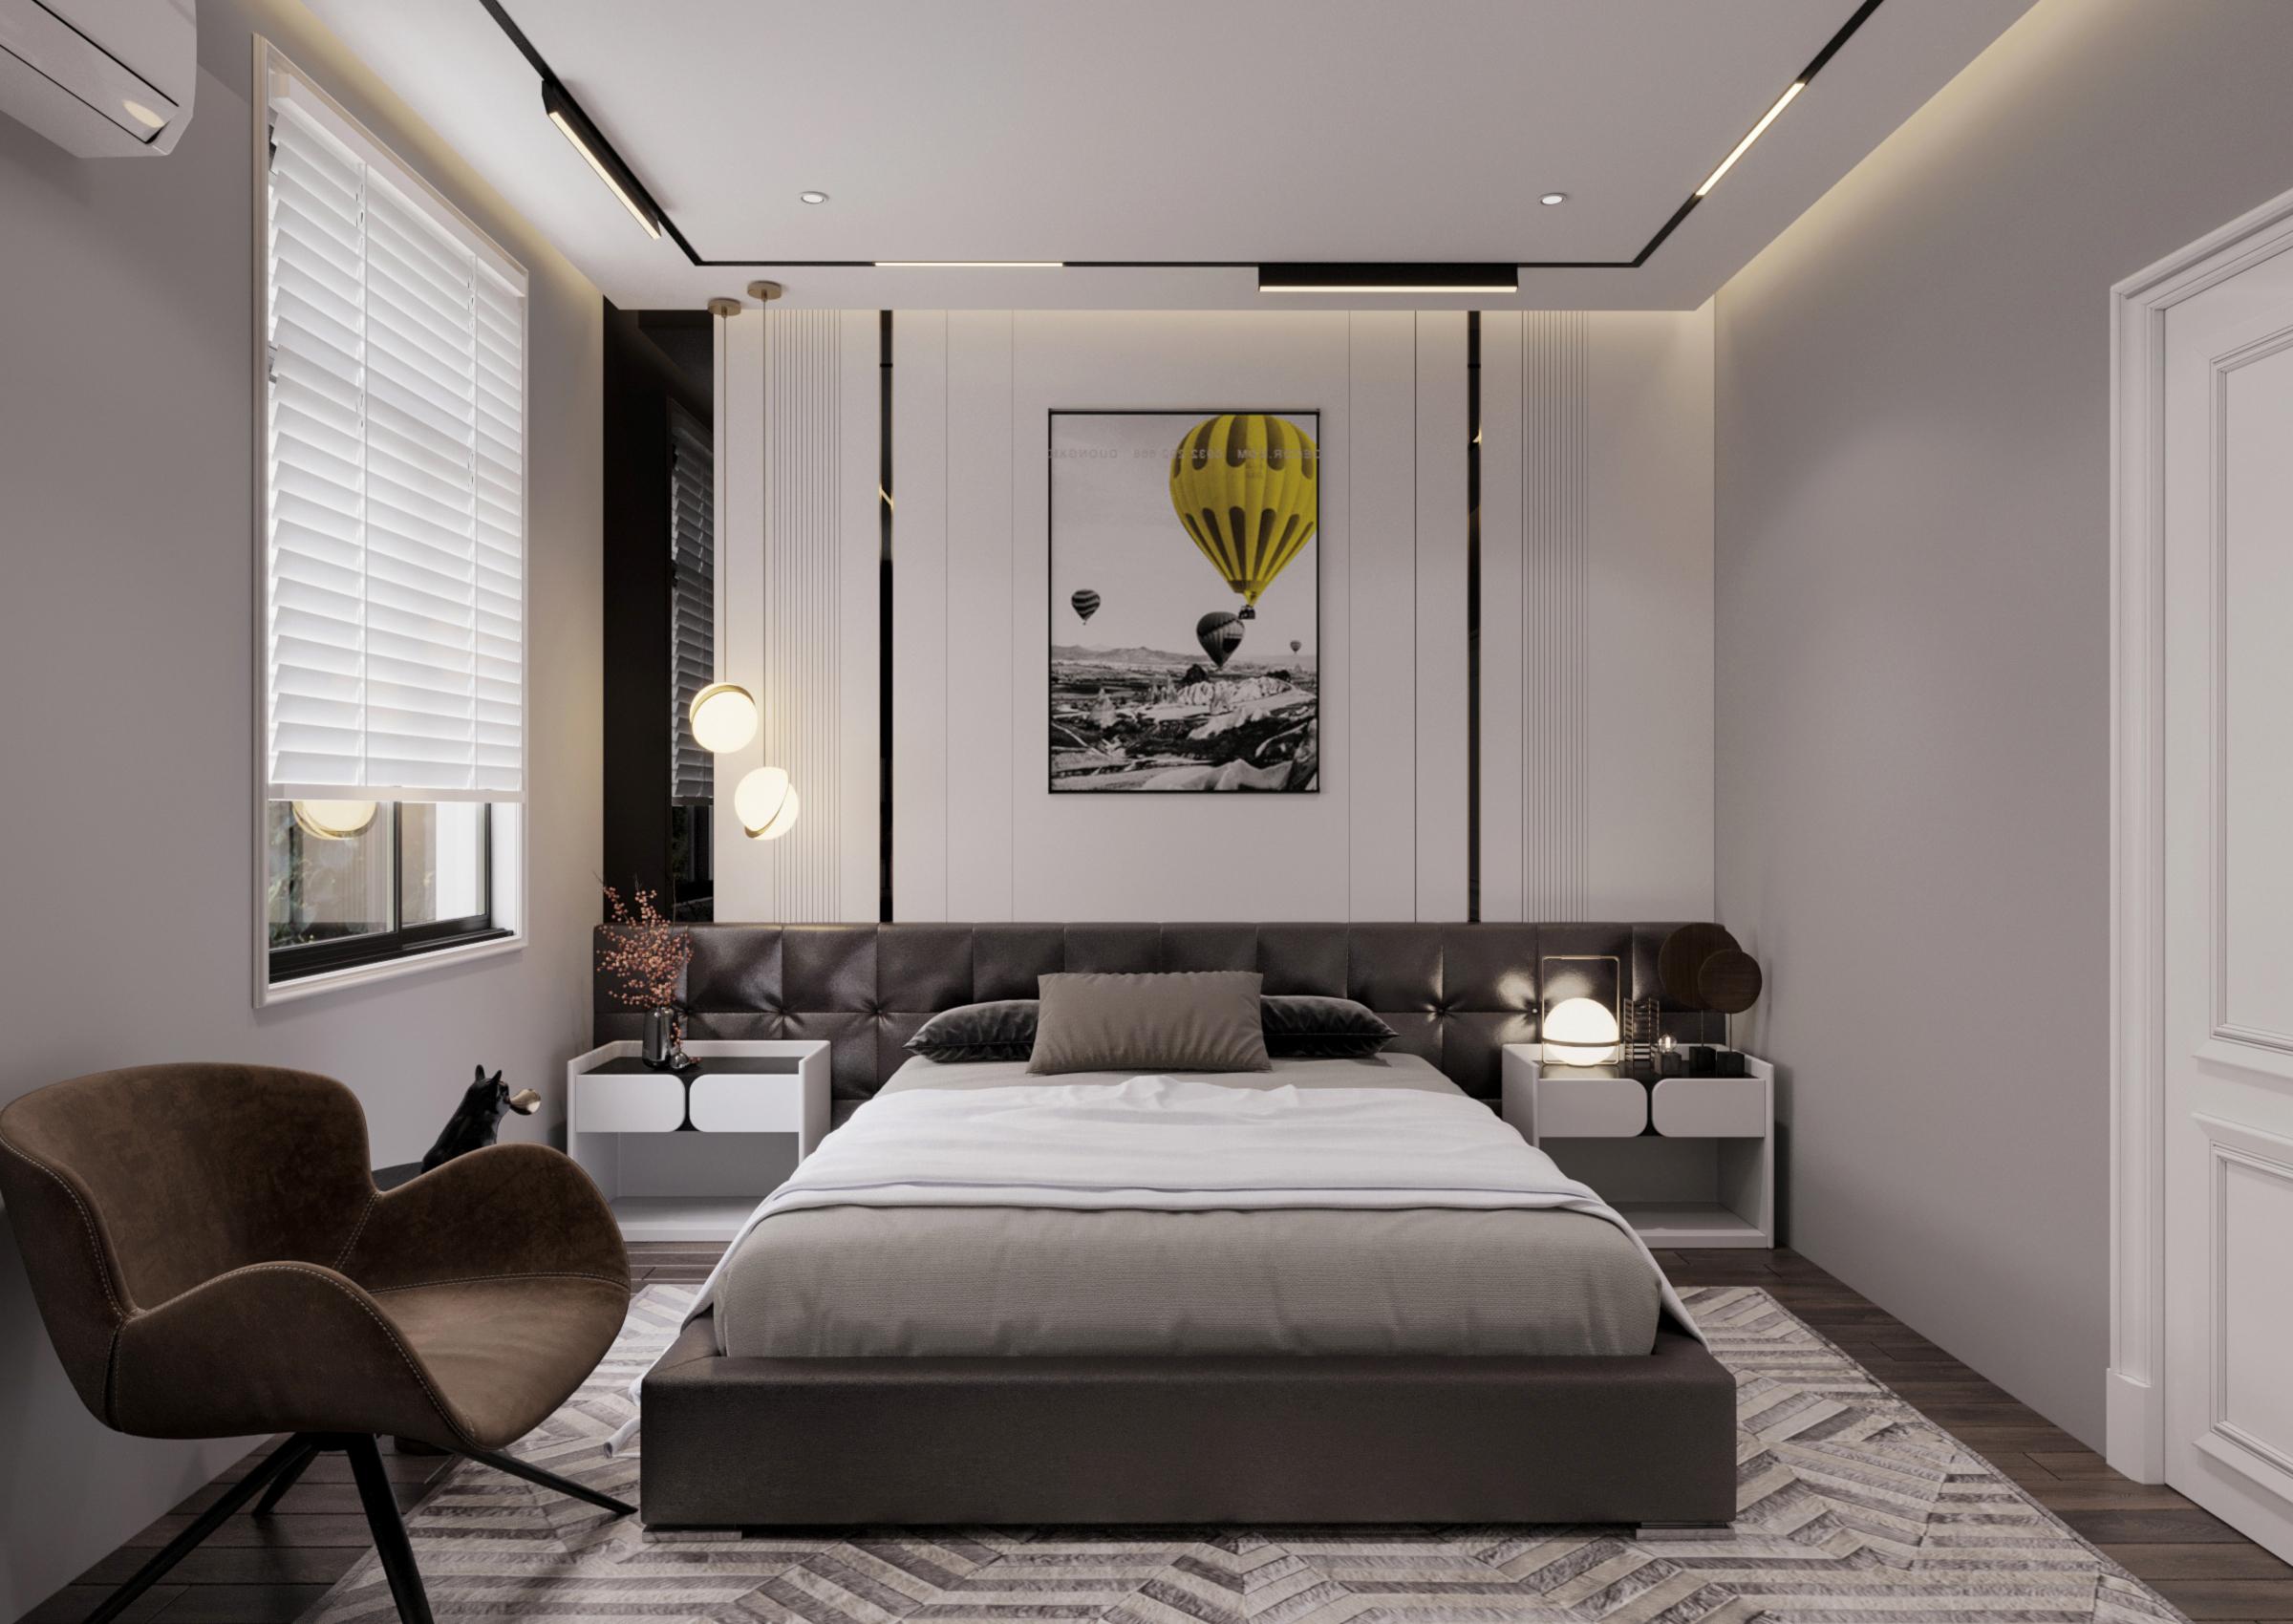 Phòng ngủ hiện đại, nhẹ nhàng với đồ nội thất đơn giản, đa dụng